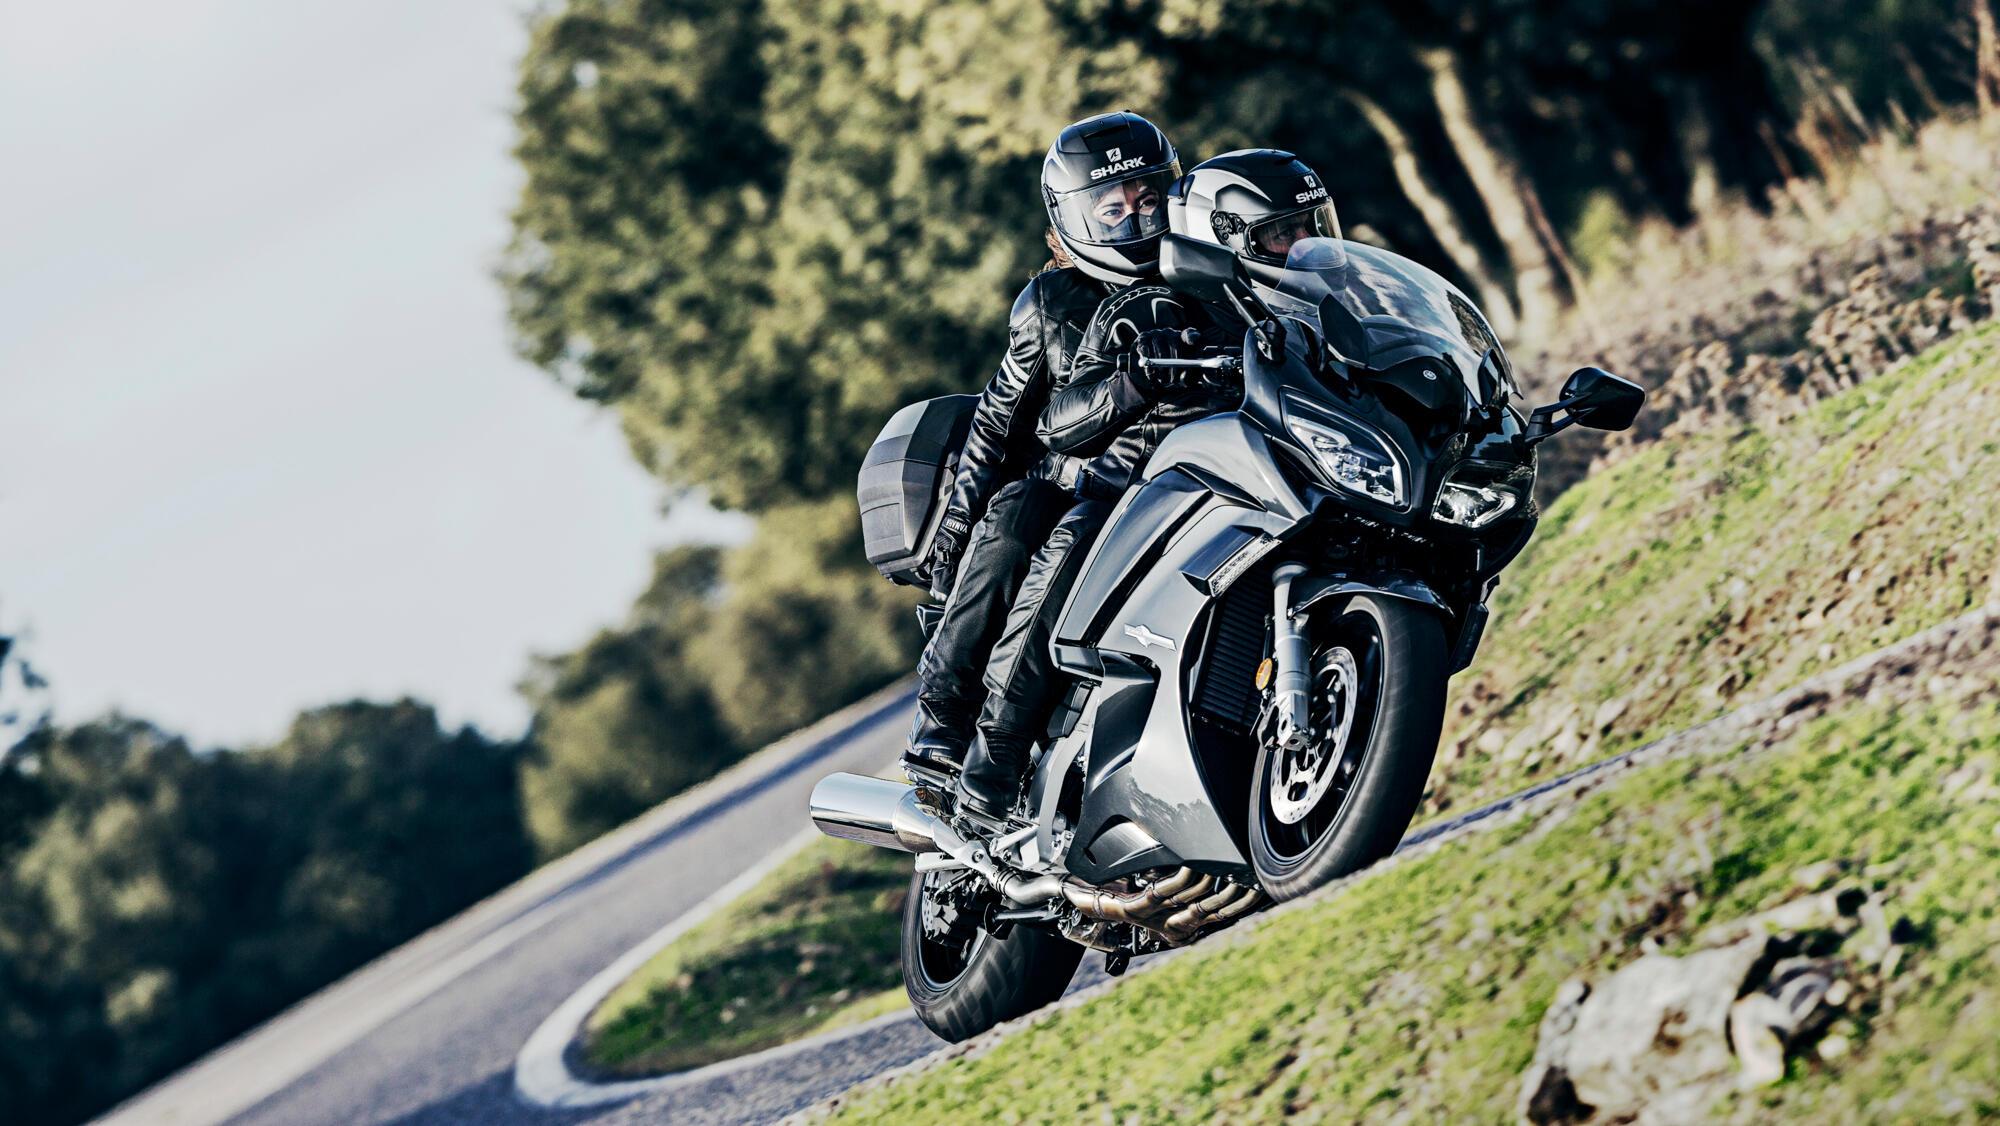 Mejores motos para viajar: Yamaha FJR1300A